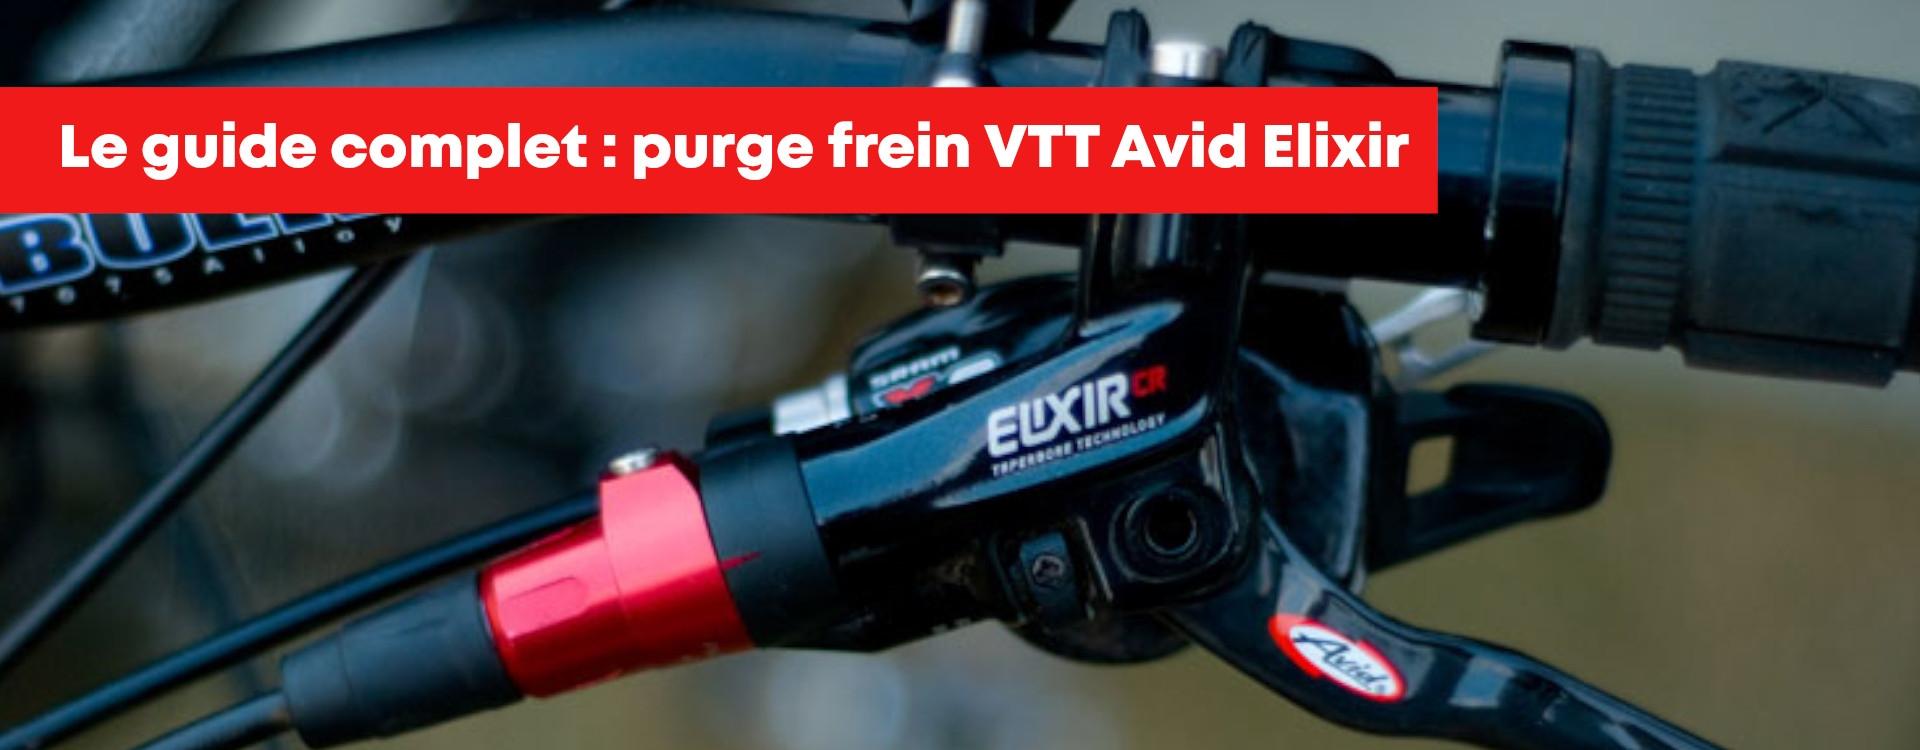 Purge de frein Avid Elixir, Juicy, Code étape par étape !